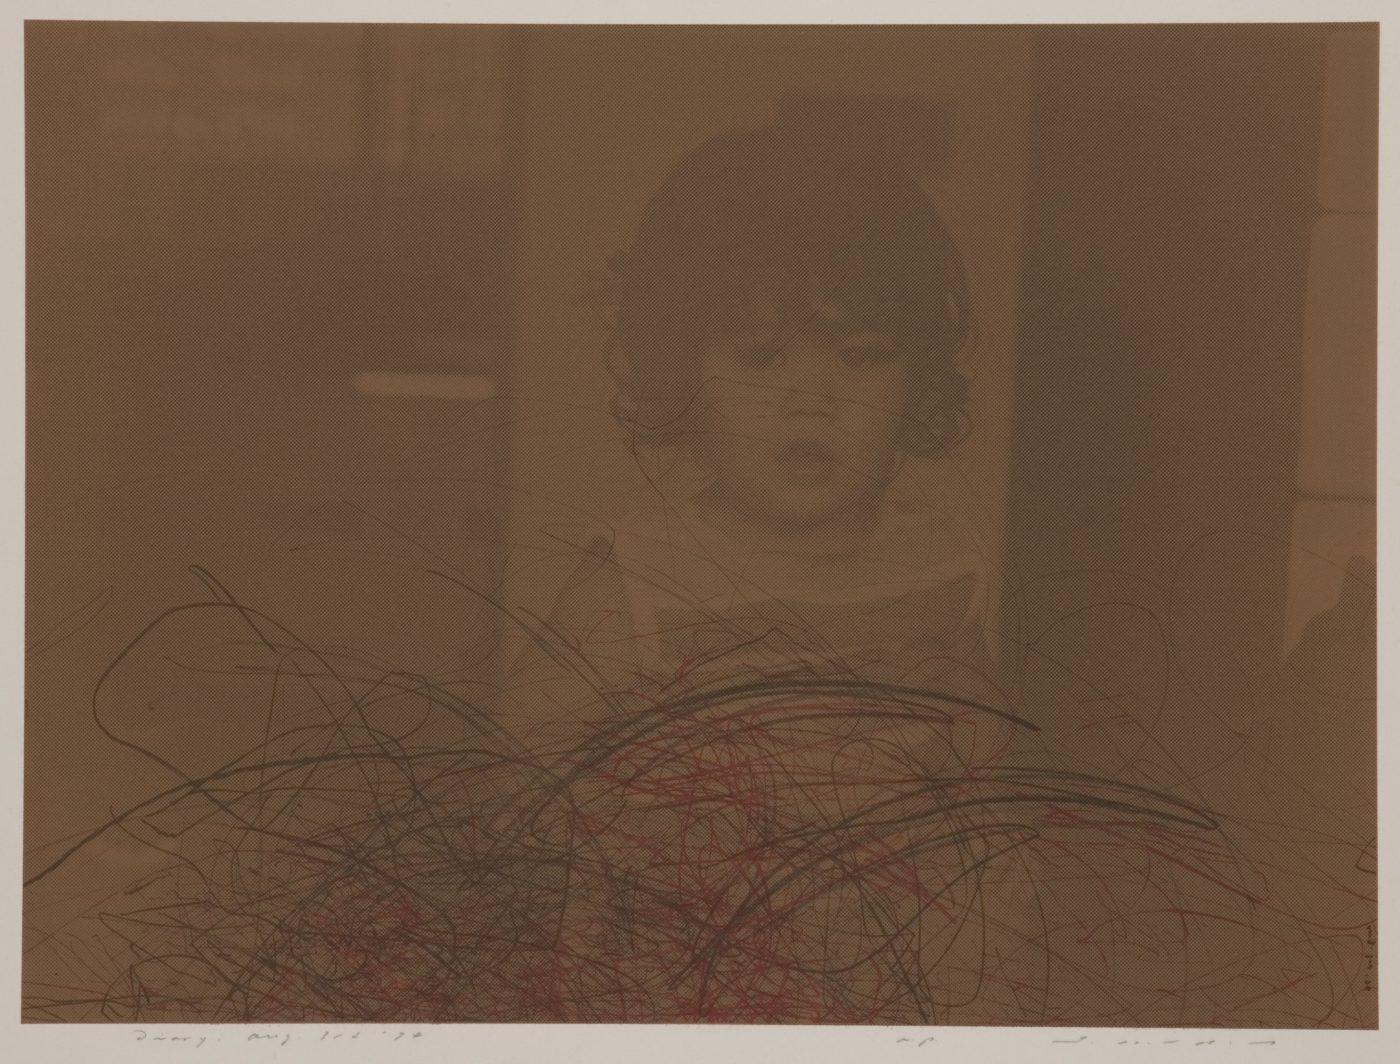 野田哲也《日記 1974年8月3日》1974